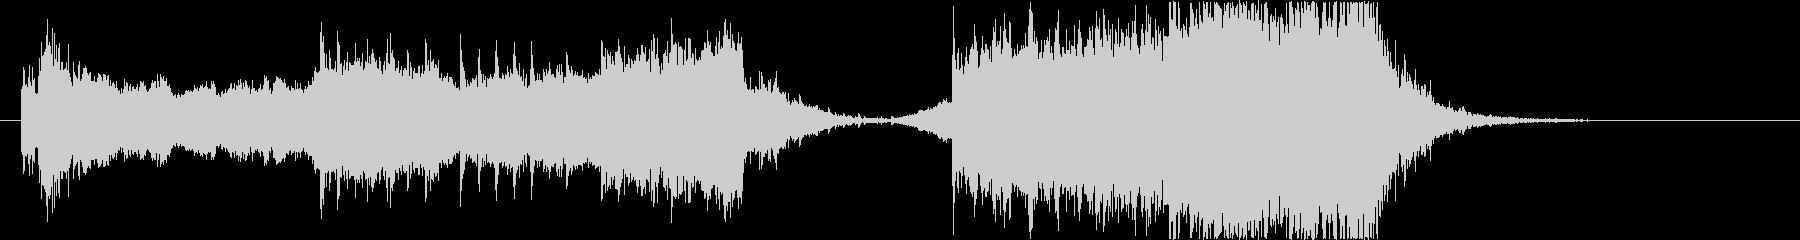 民族楽器を使用した激しいオープニング曲の未再生の波形